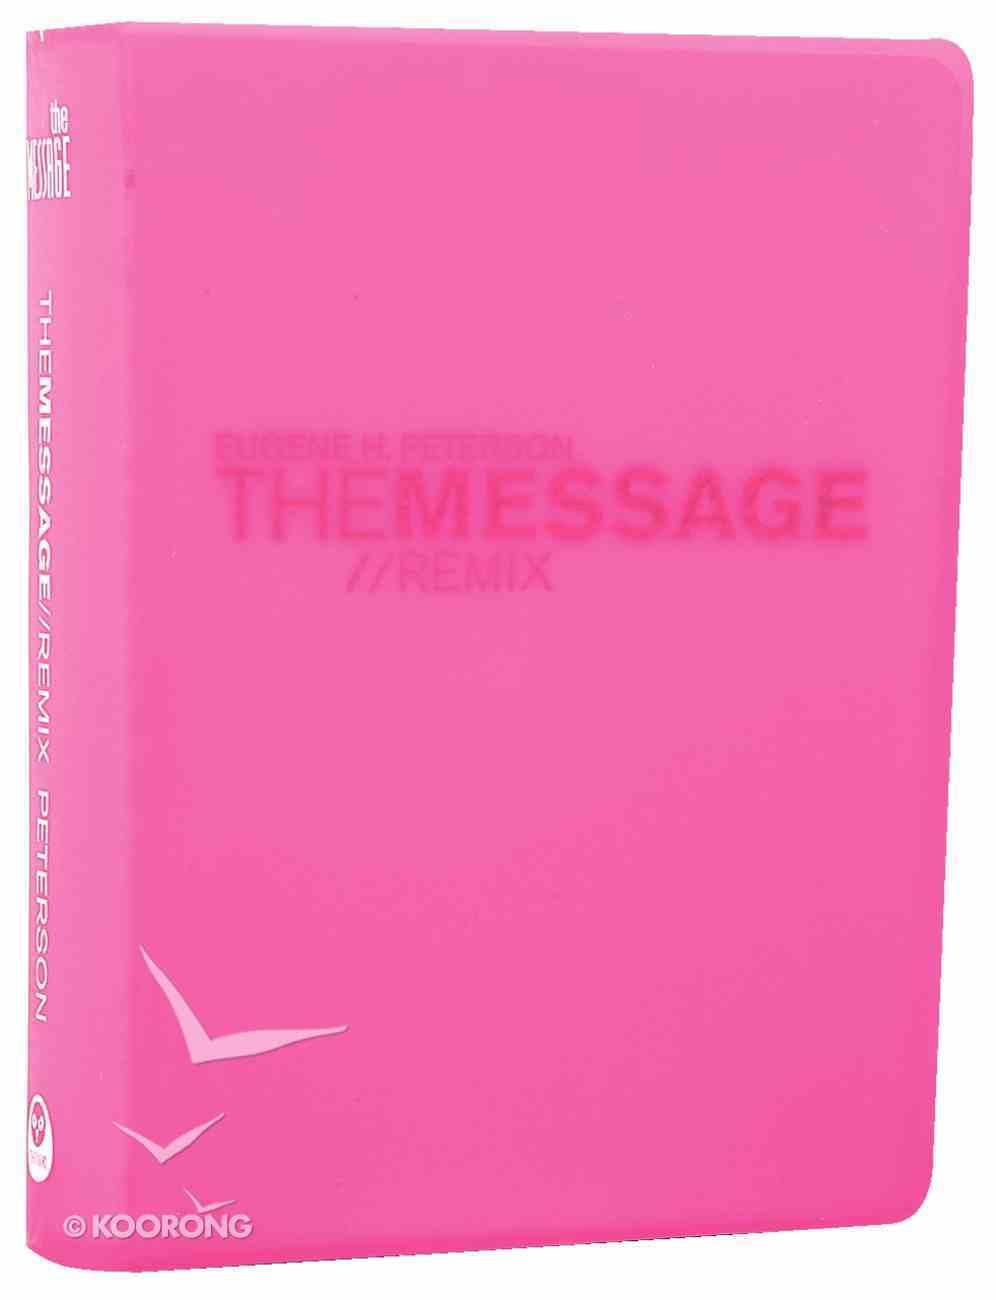 Message Remix 2.0 Hypercolour Pink (Black Letter Edition) Vinyl